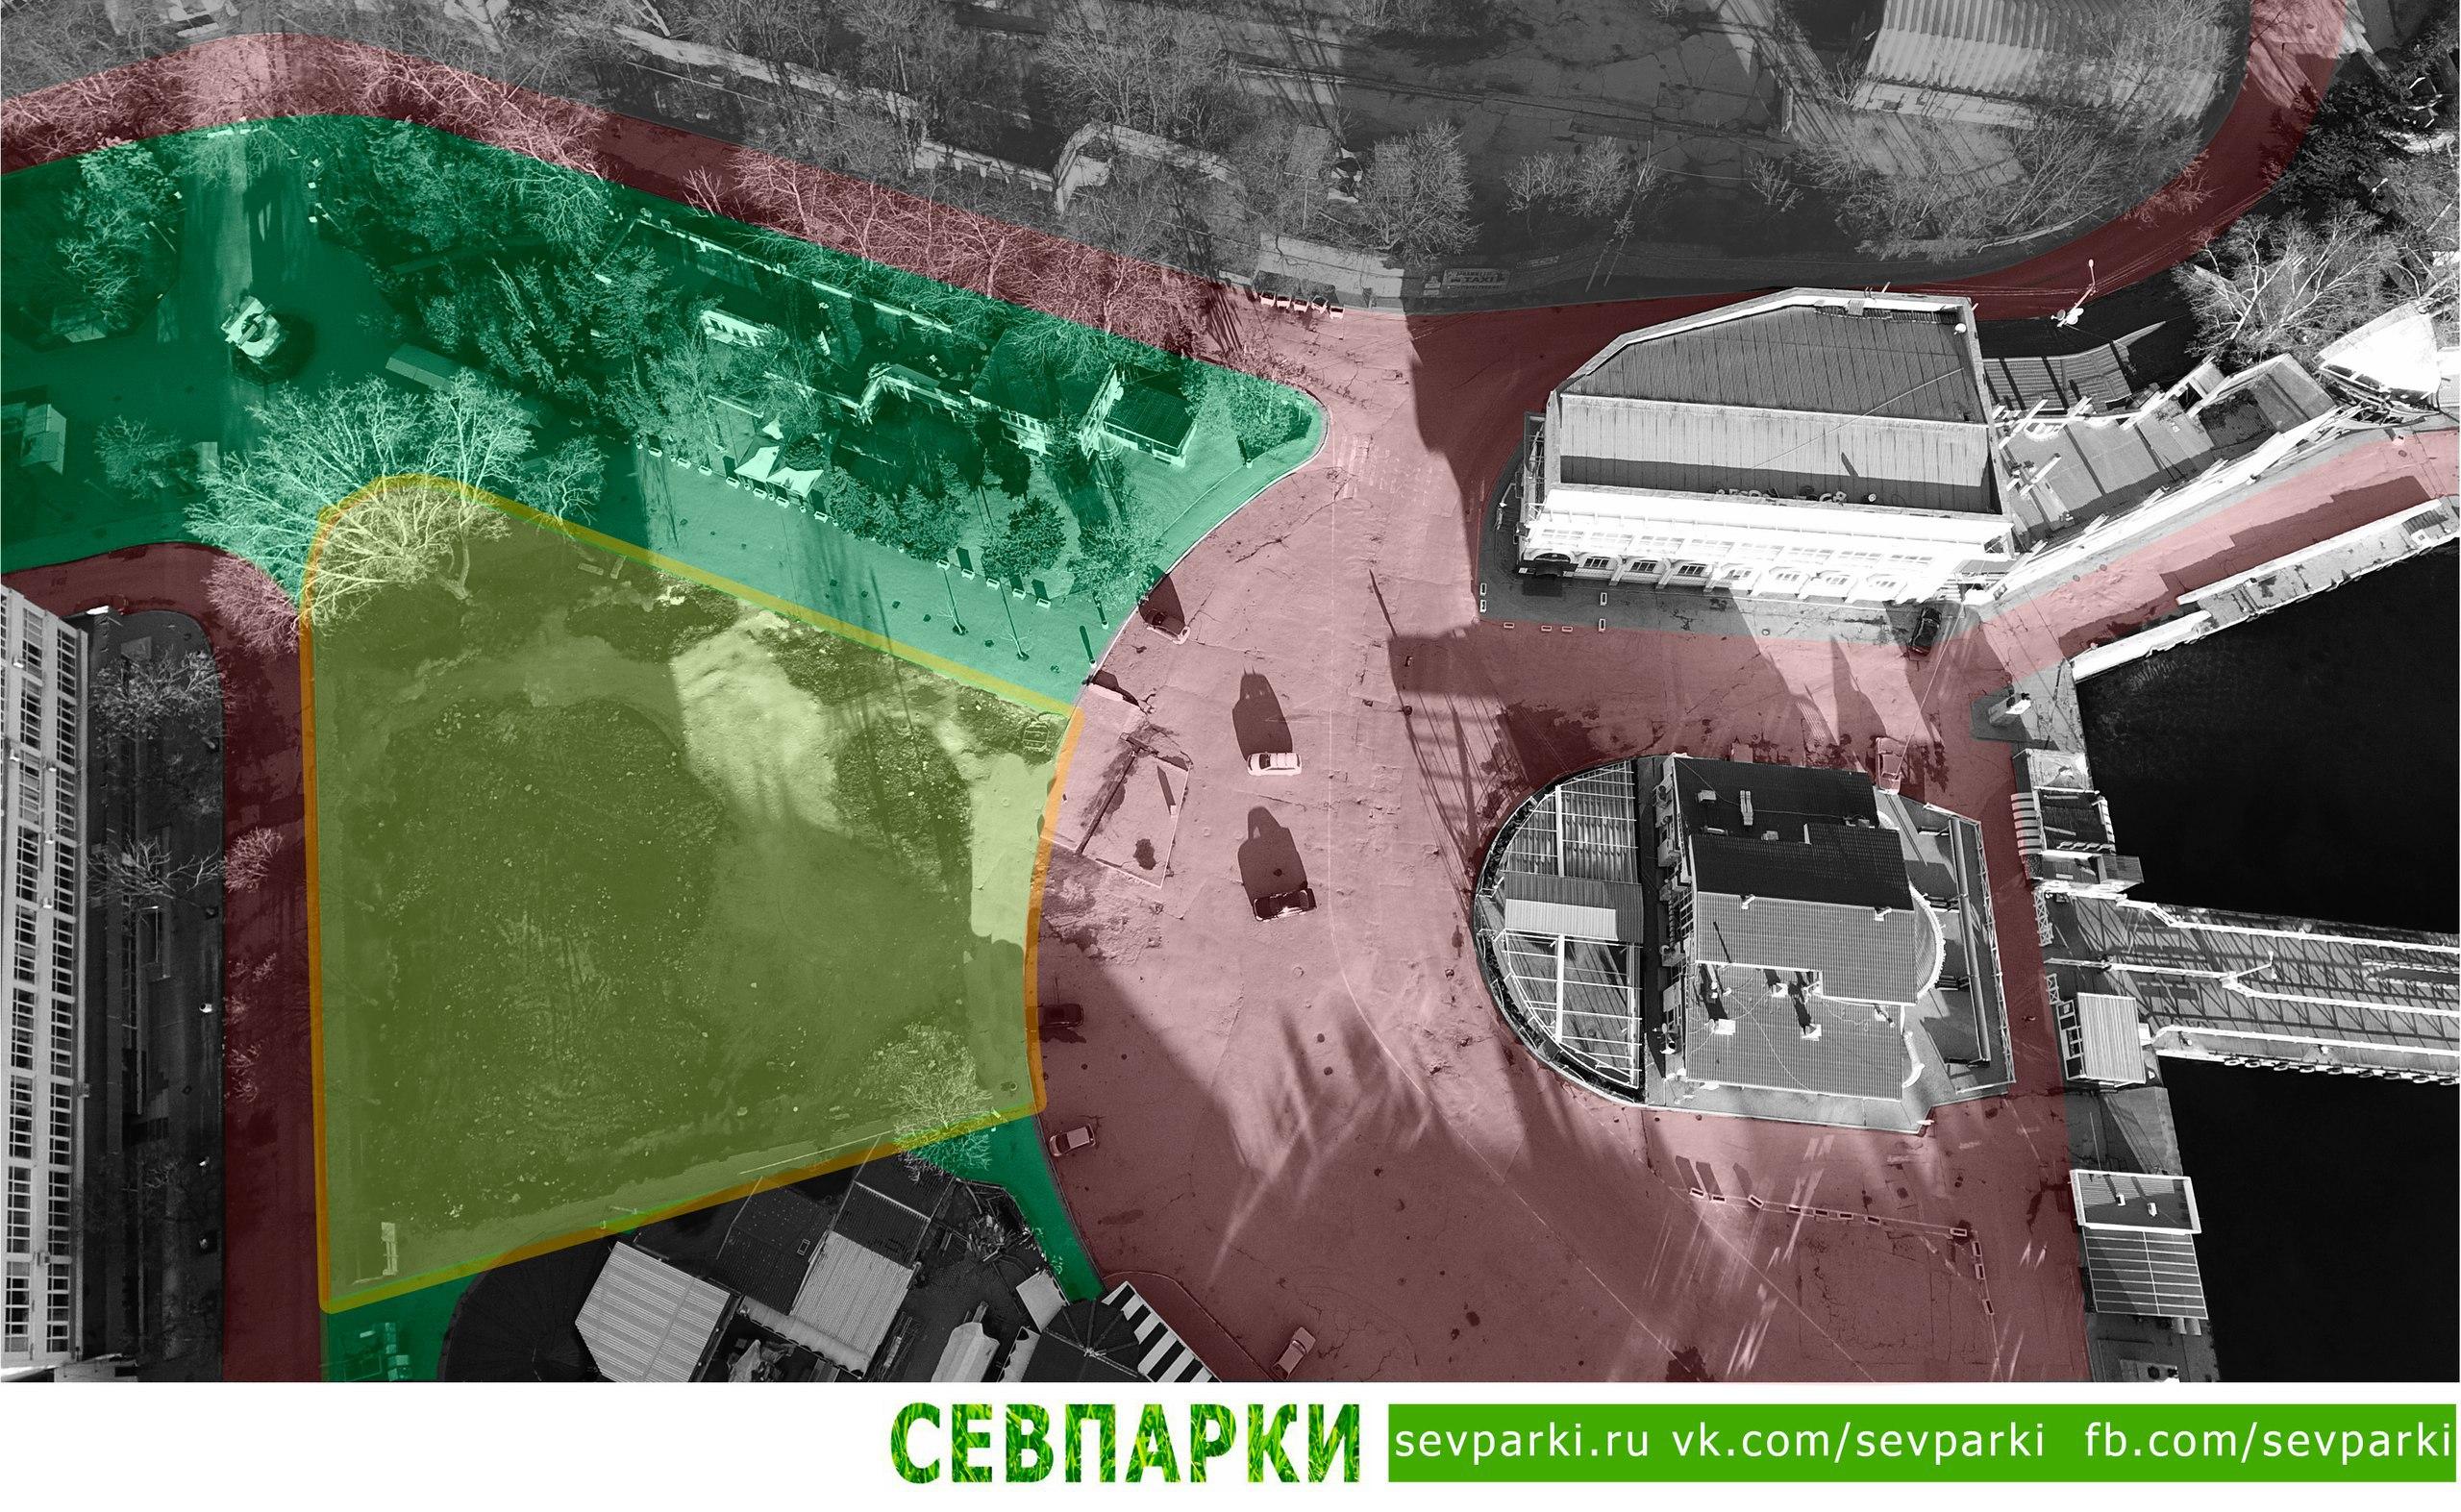 Ивушка. Артбухта. Севастополь. Концепция развития.